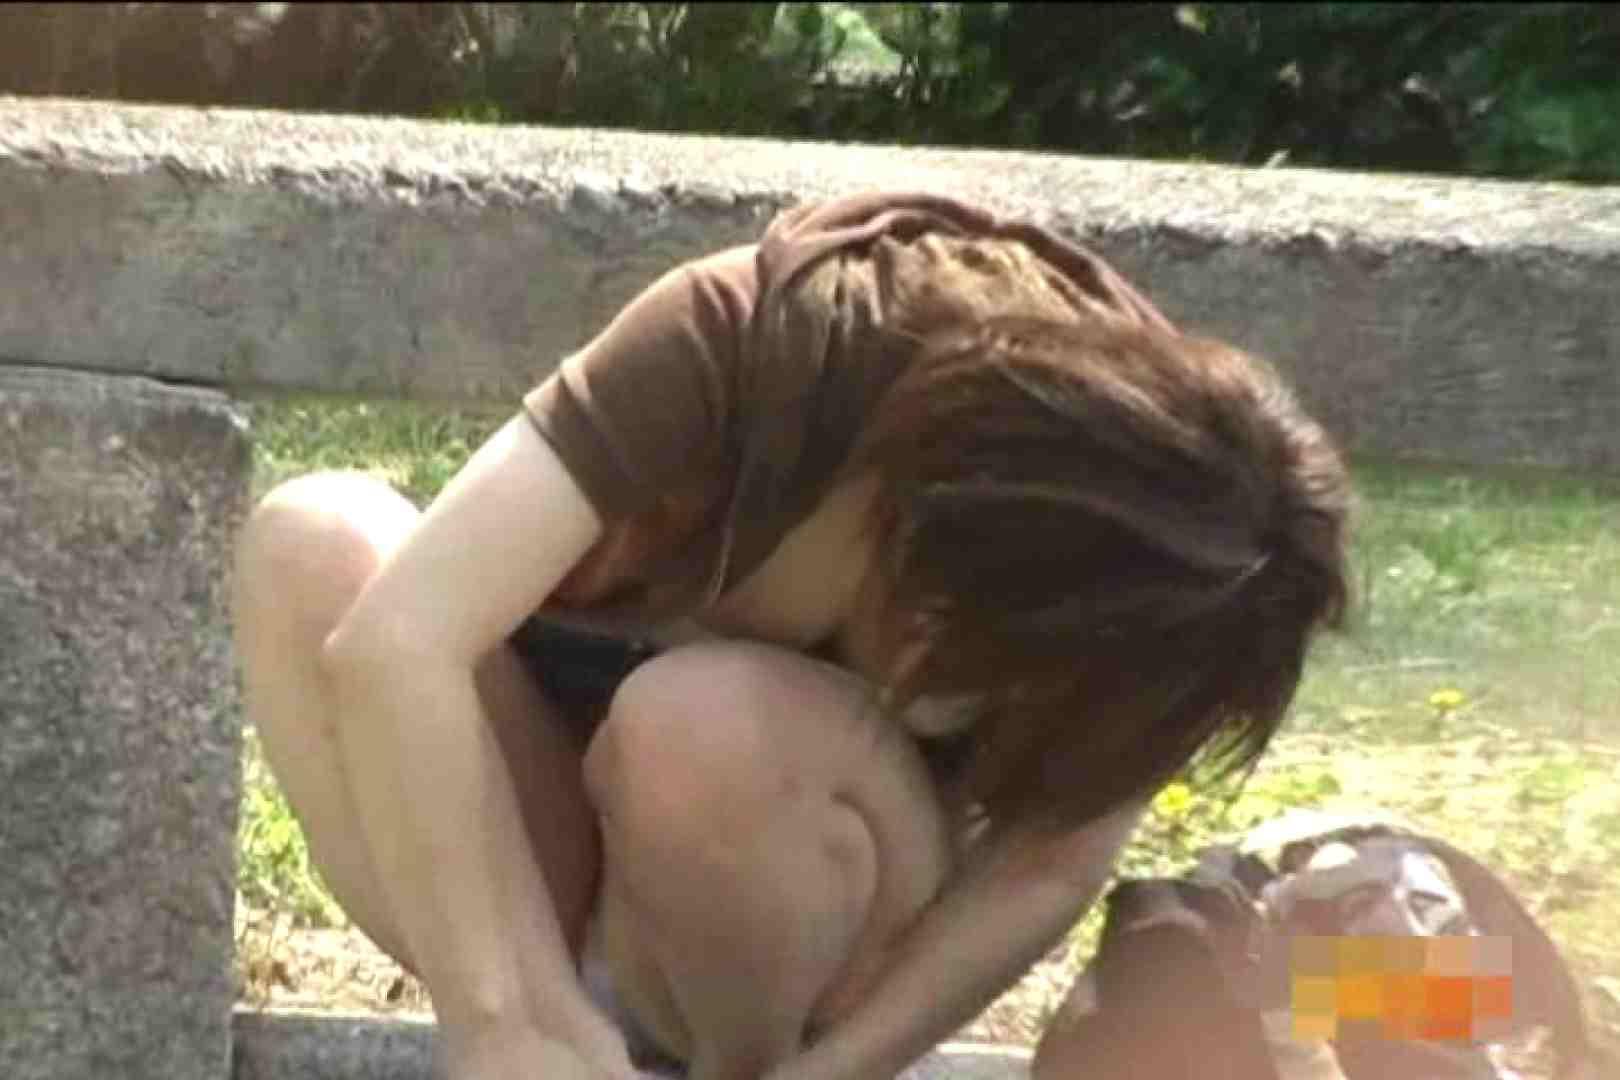 大胆露出胸チラギャル大量発生中!!Vol.1 胸チラ セックス画像 98画像 35